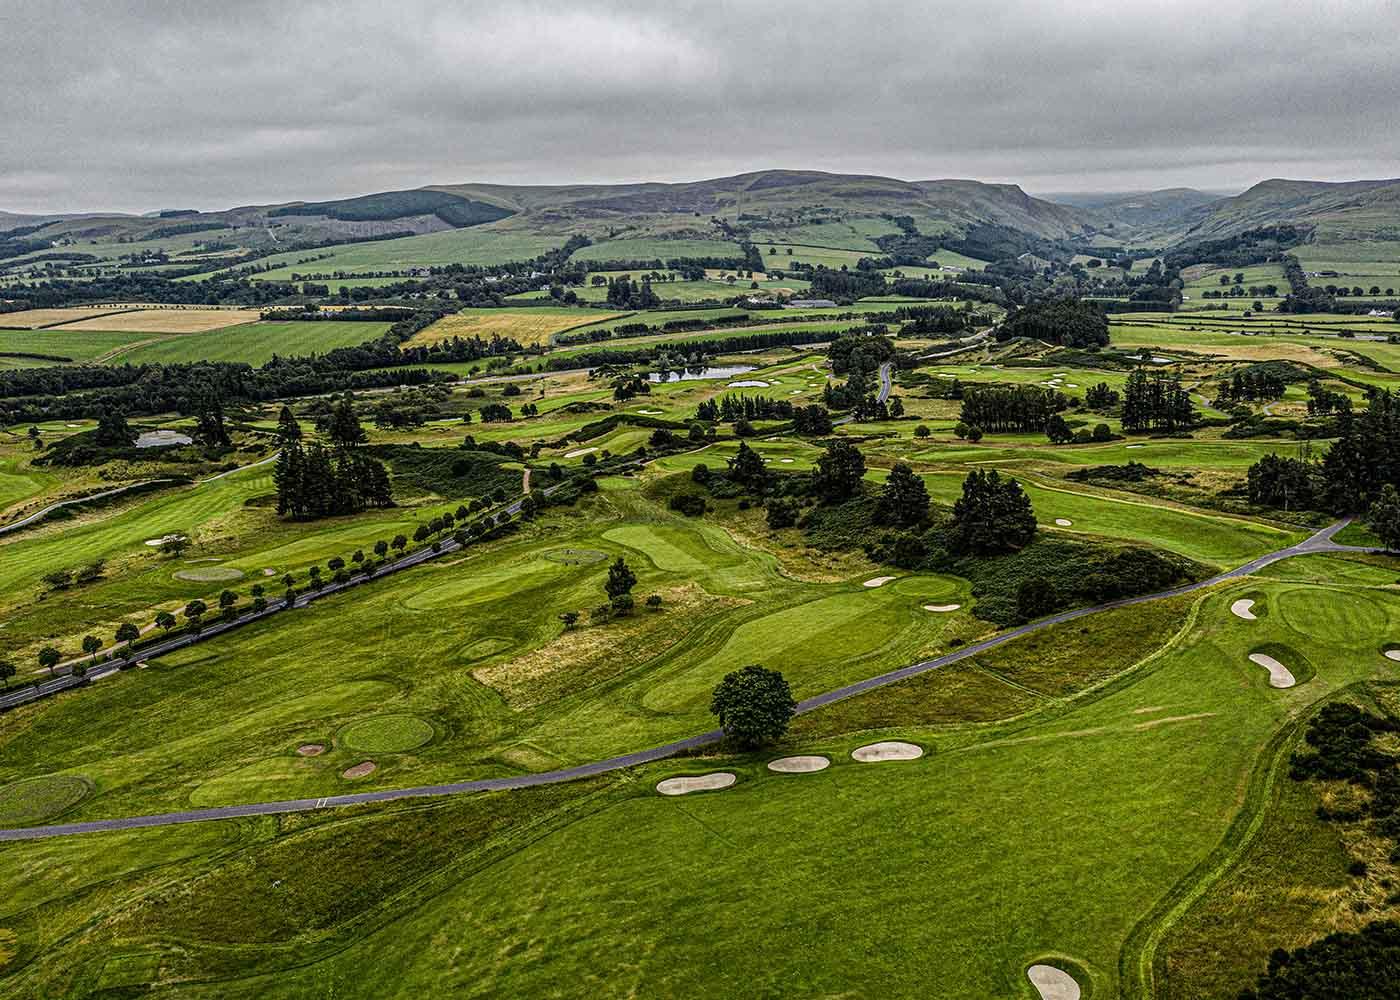 Golf Club aerial photograph